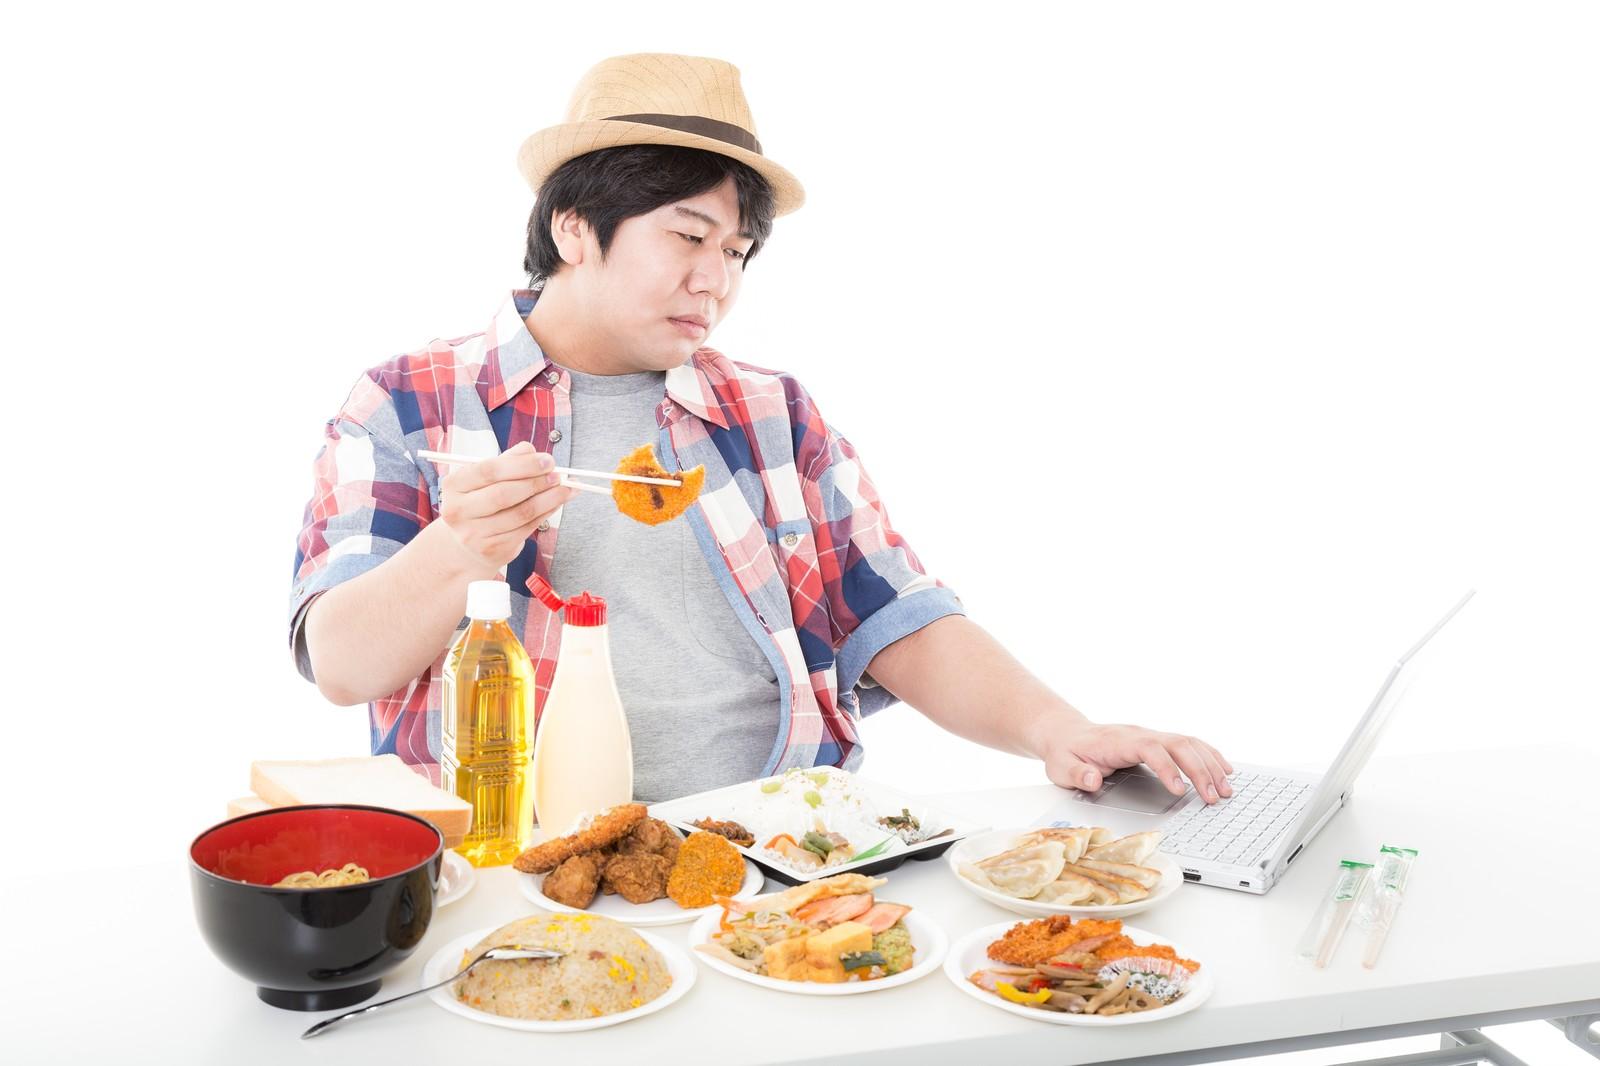 コレステロール値の高い食事